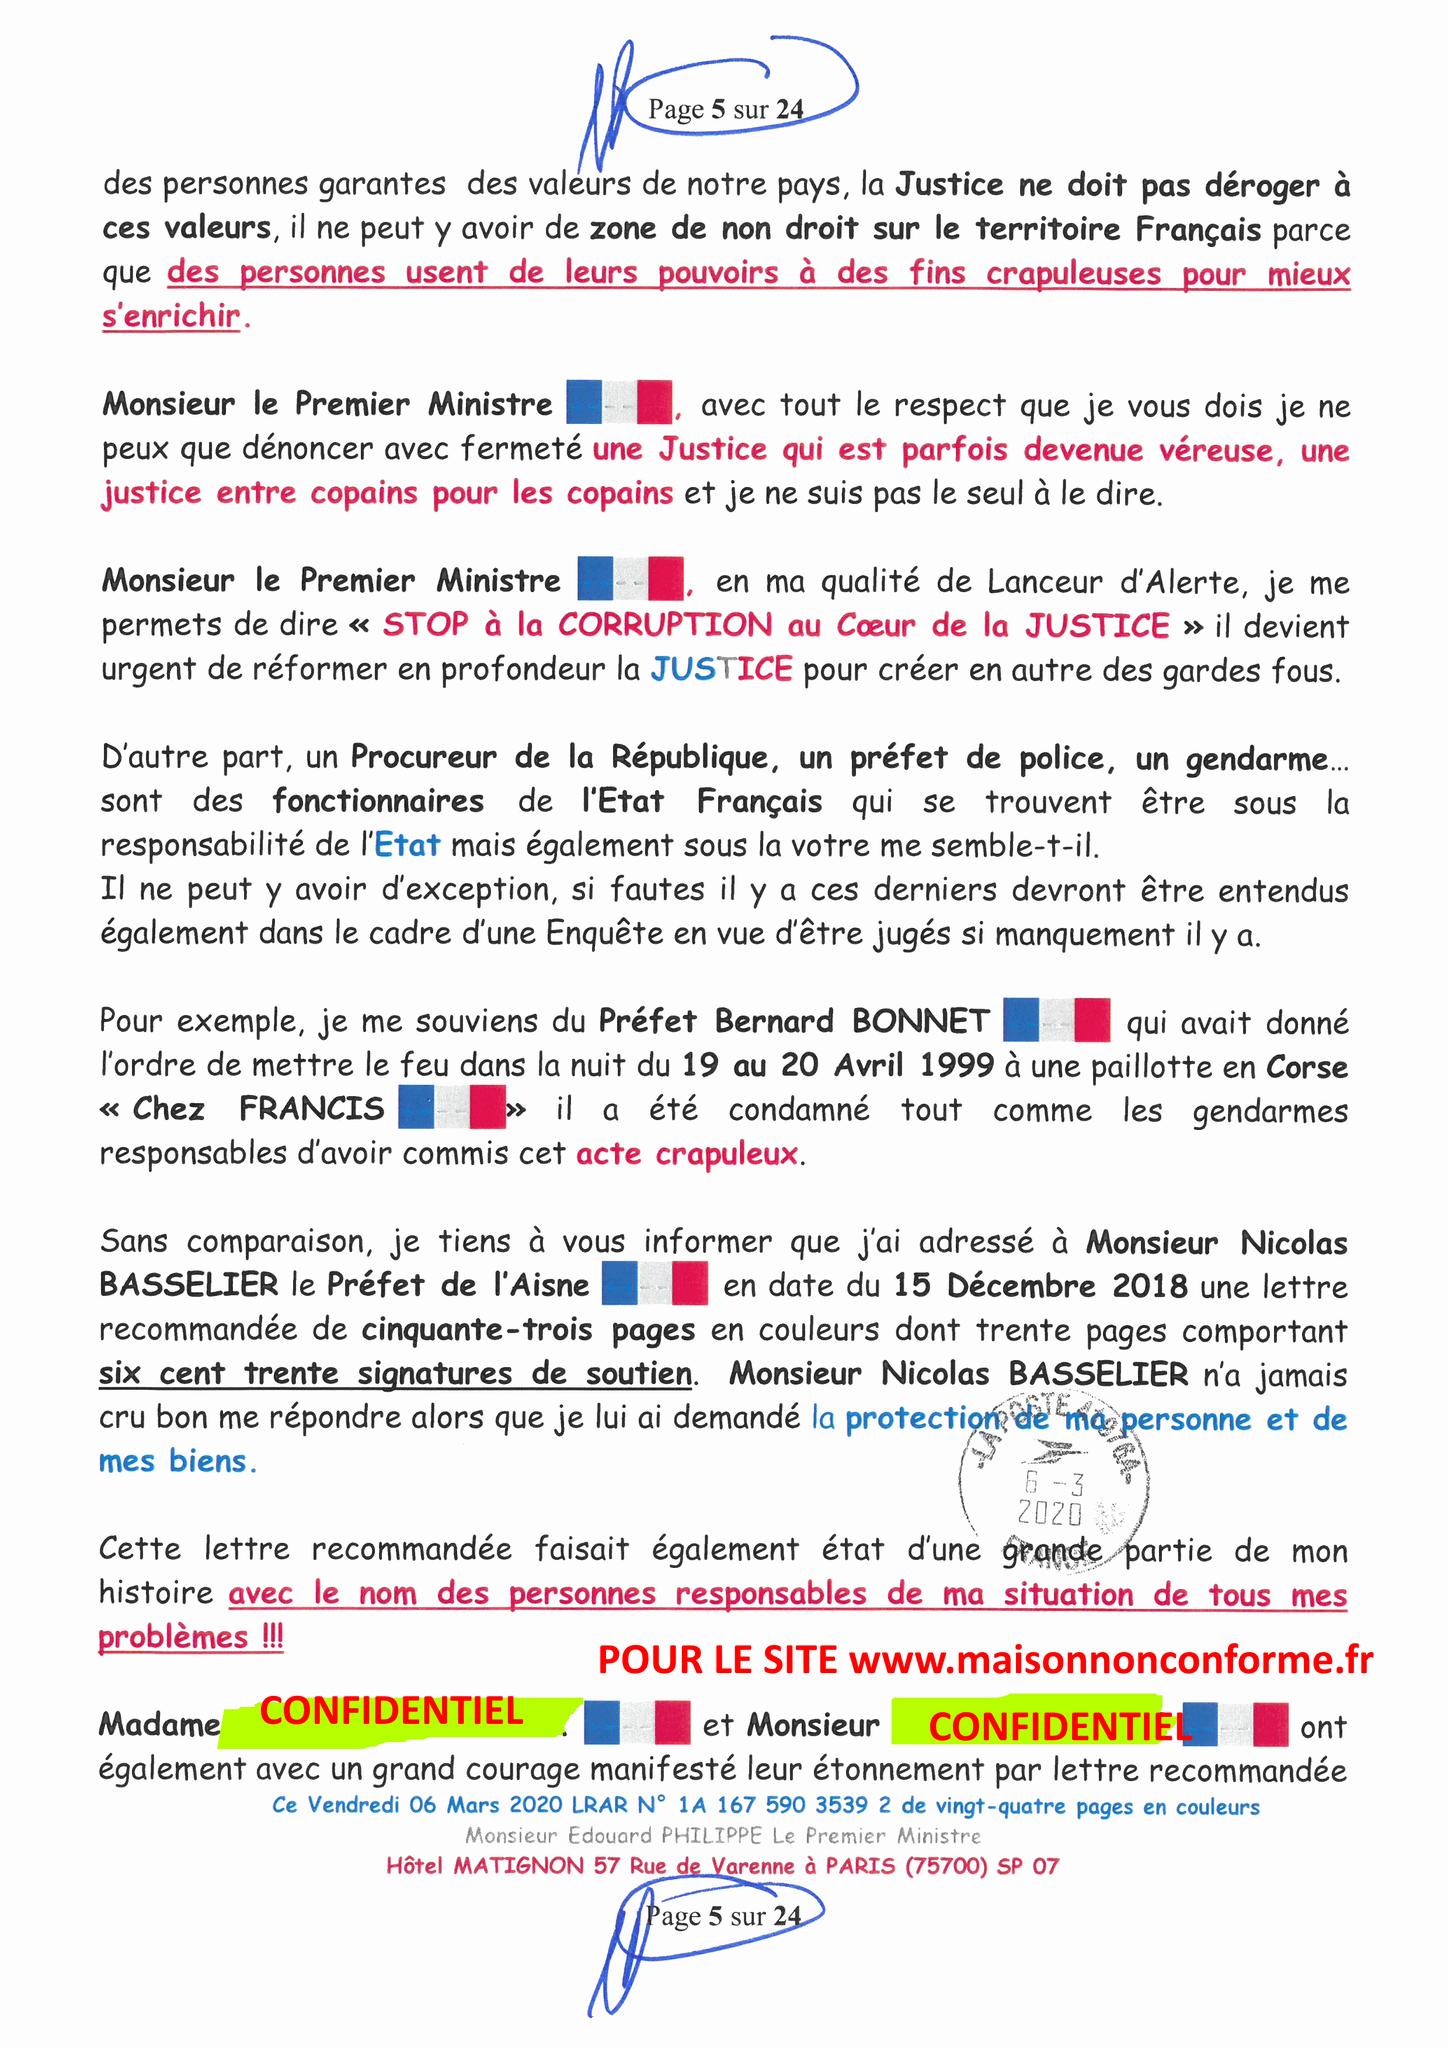 Ma LRAR à Monsieur le  Premier Ministre Edouard PHILIPPE N° 1A 167 590 3539 2 Page 5 sur 24 en Couleur du 06 Mars 2020  www.jesuispatrick.fr www.jesuisvictime.fr www.alerte-rouge-france.fr